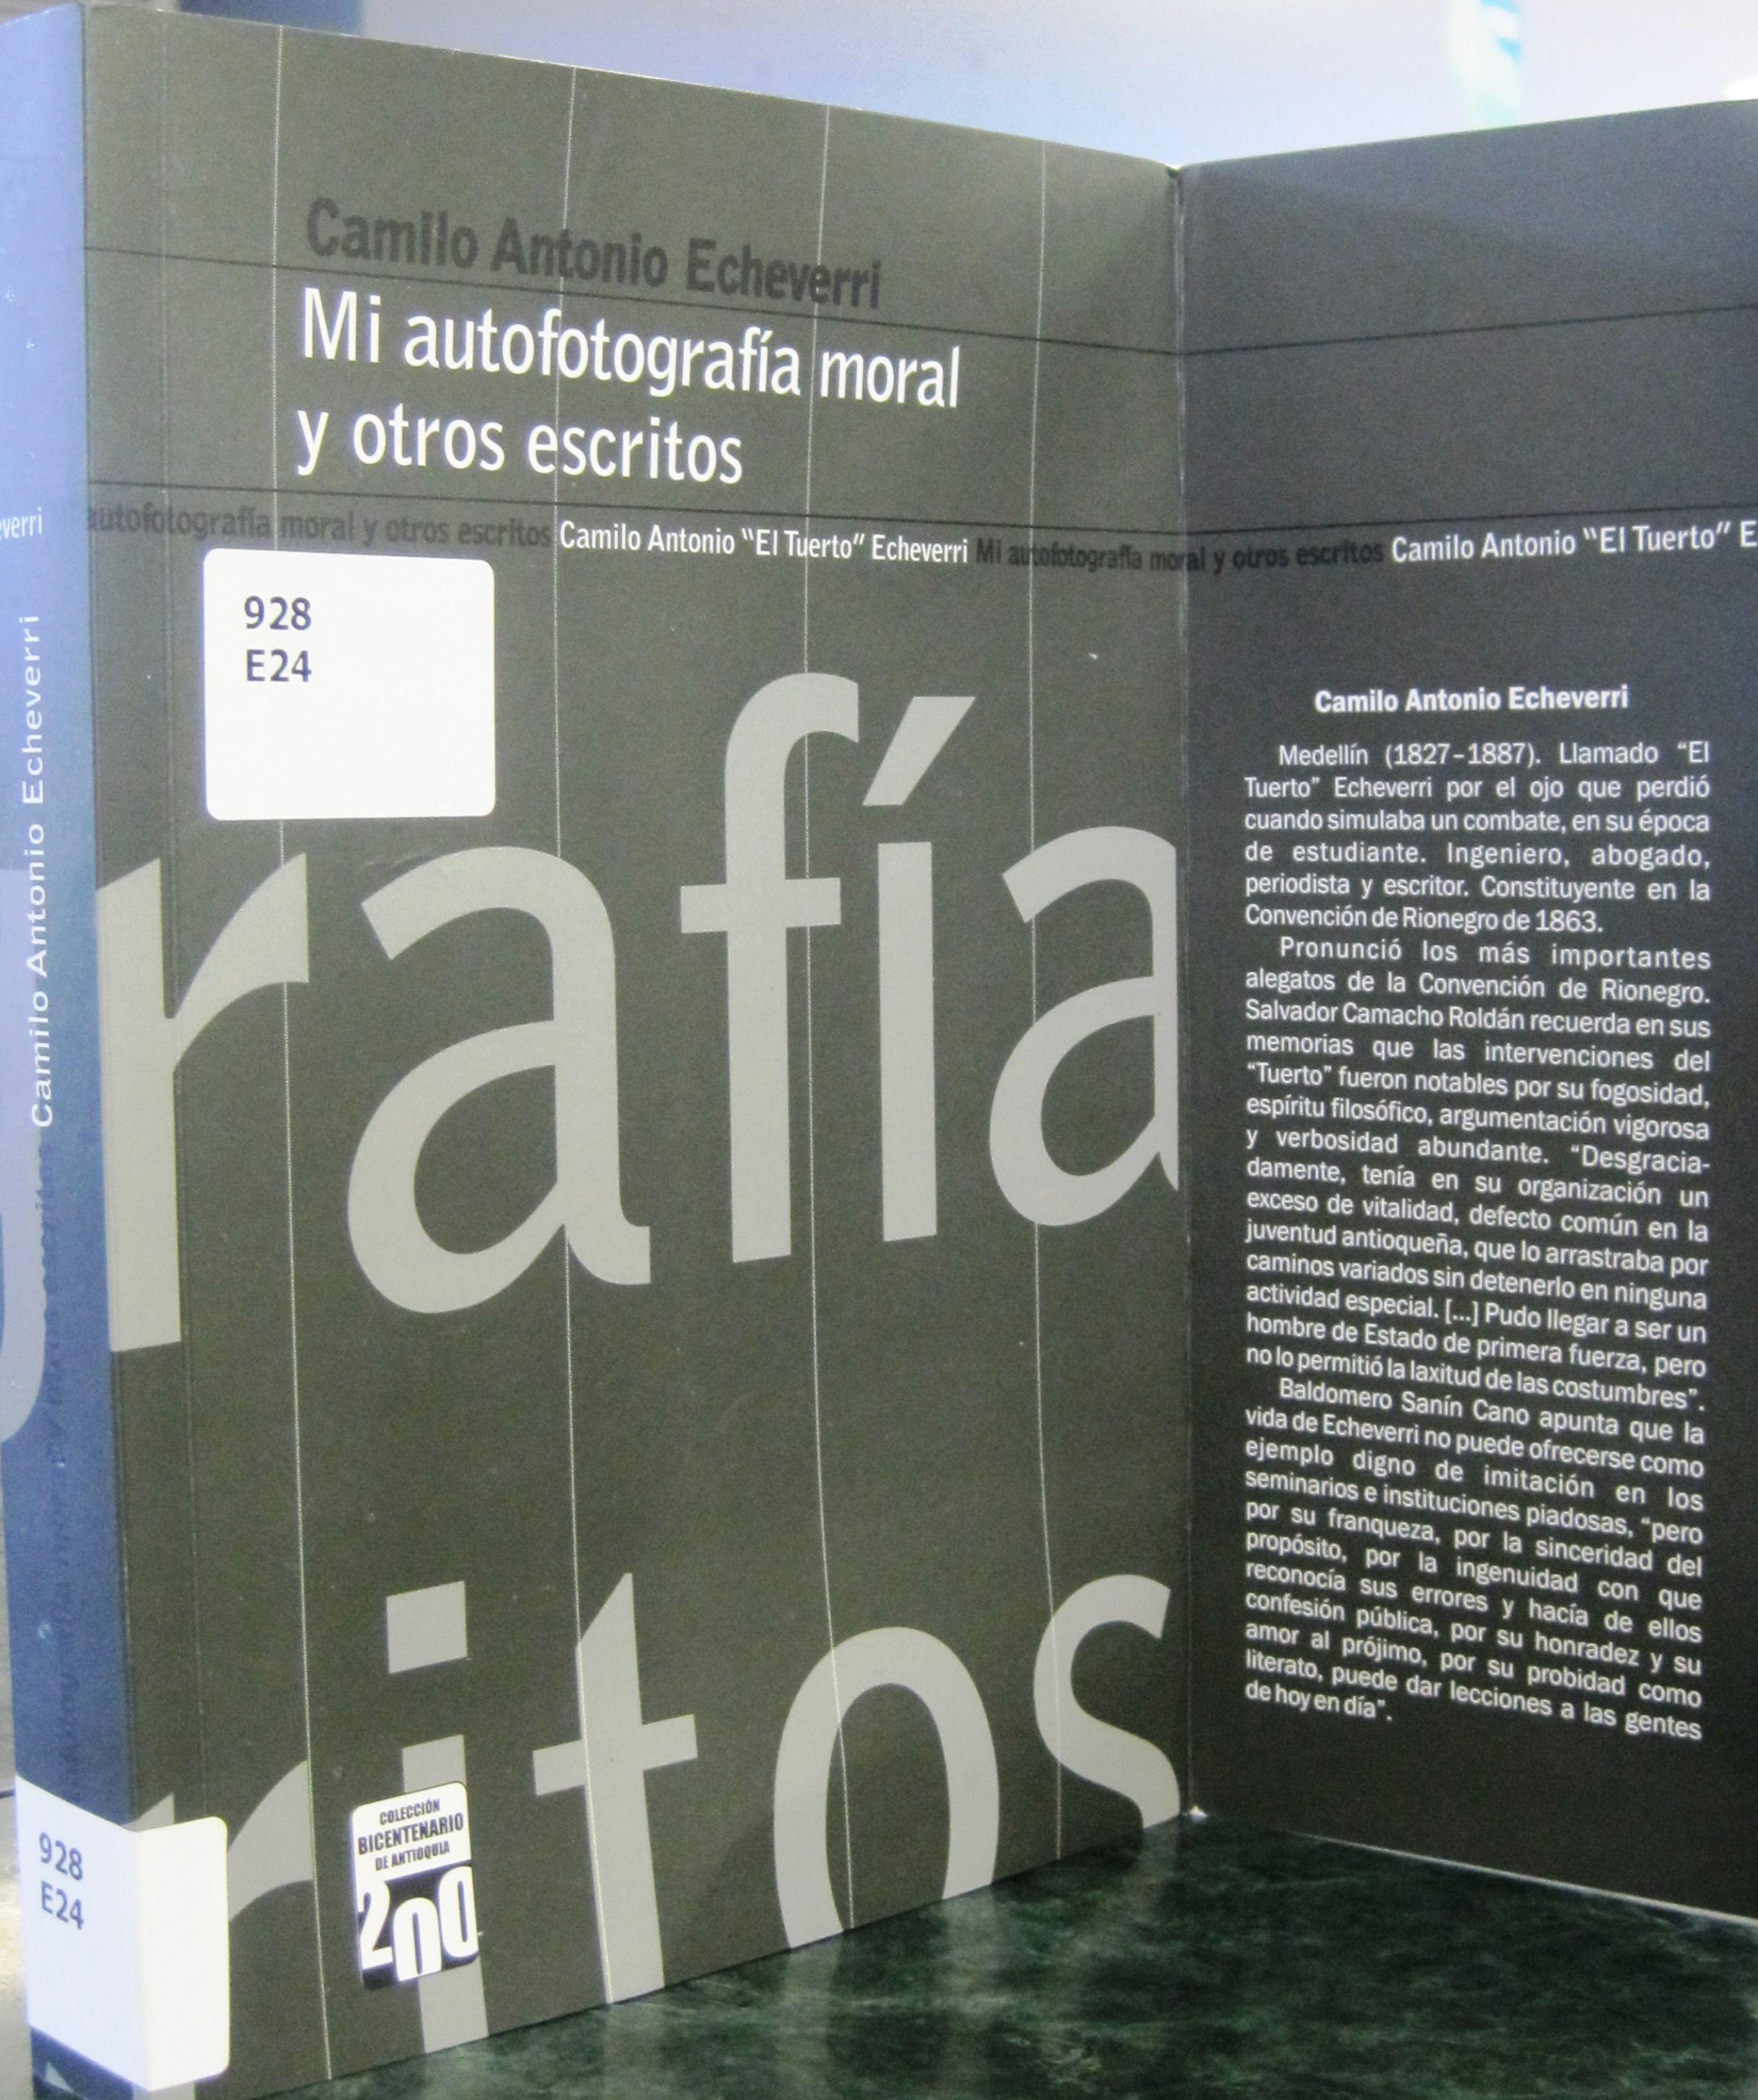 Mi autofotografía moral y otros escritos. Echeverri fue la antítesis de la antioqueñidad, la negacion de los valores de la raz… (con imágenes) | Negación, Vicios ocultos, Escrito